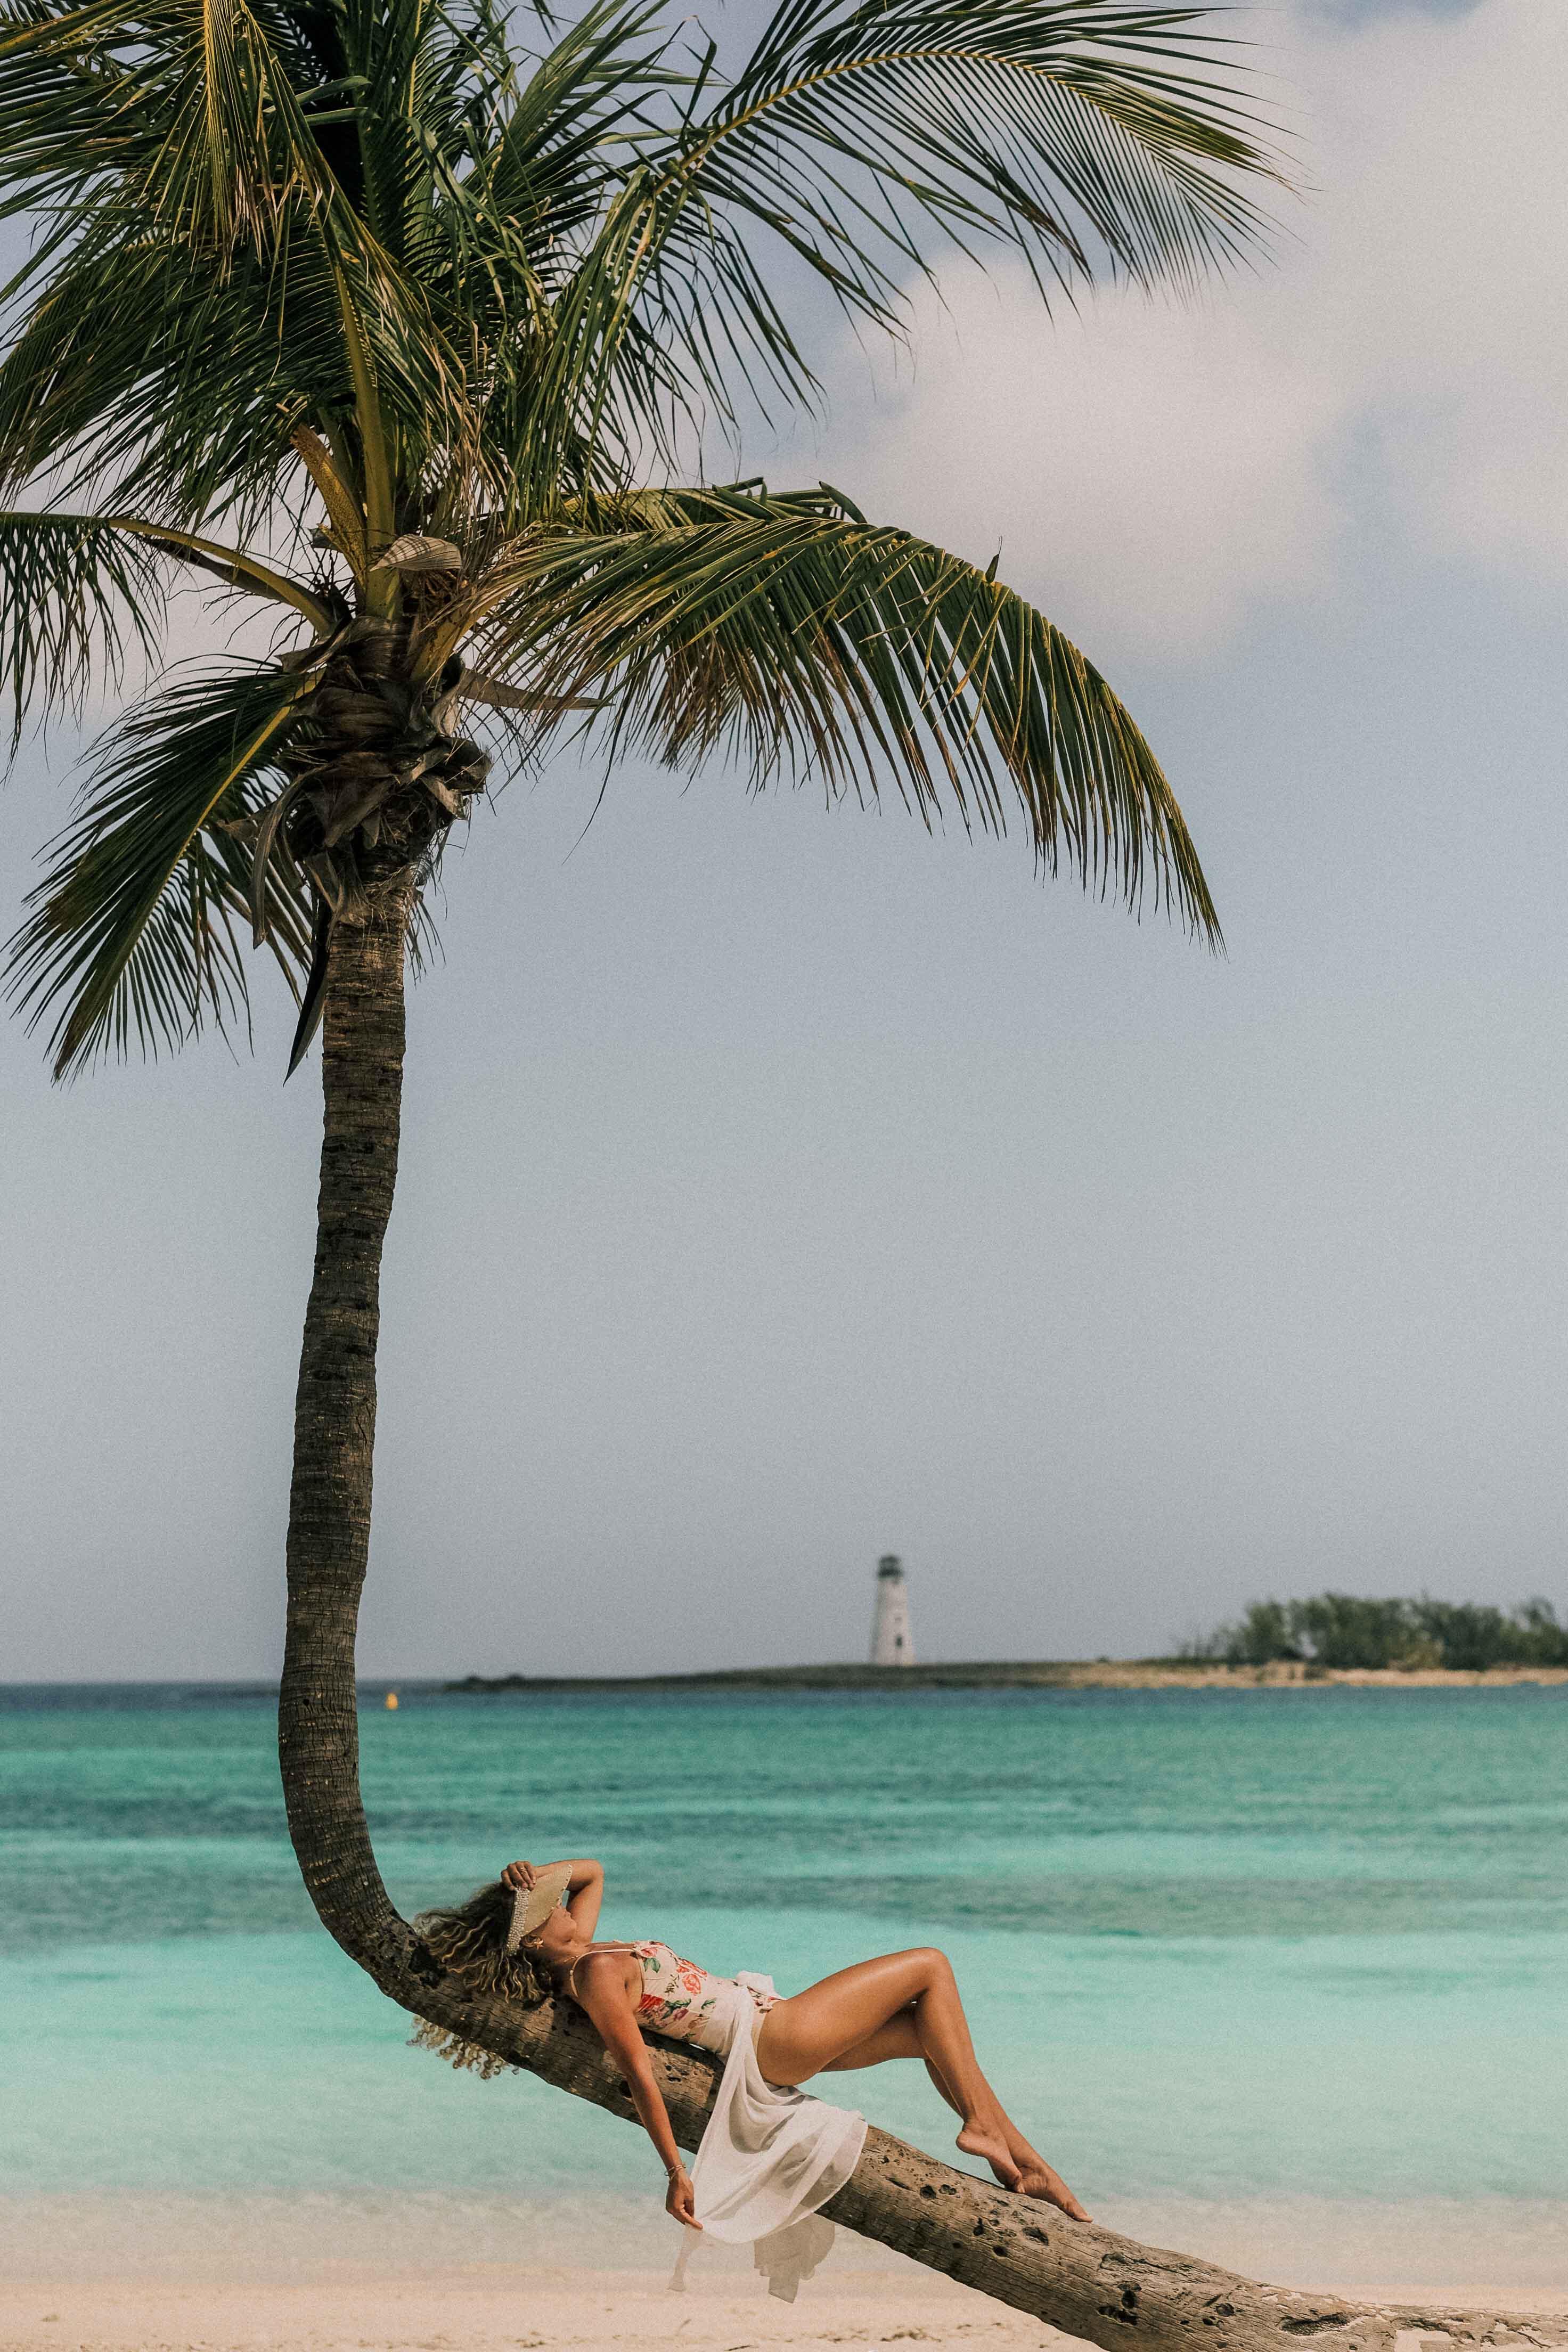 nassau bahamas photography